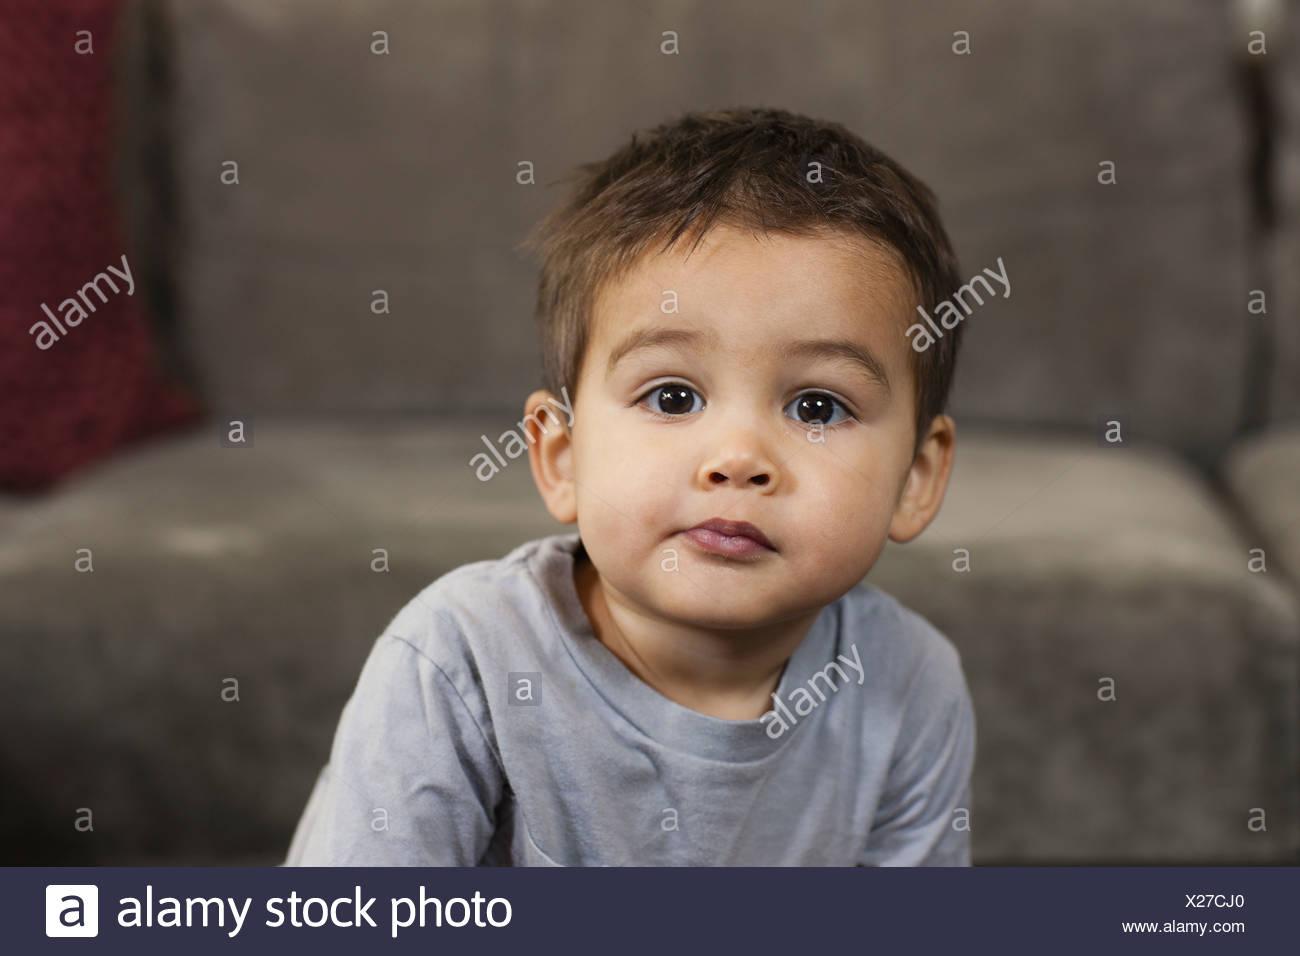 Ein kleiner Junge sitzt schaut in die Kamera mit einem ernsten Ausdruck Pennsylvania USA Stockbild